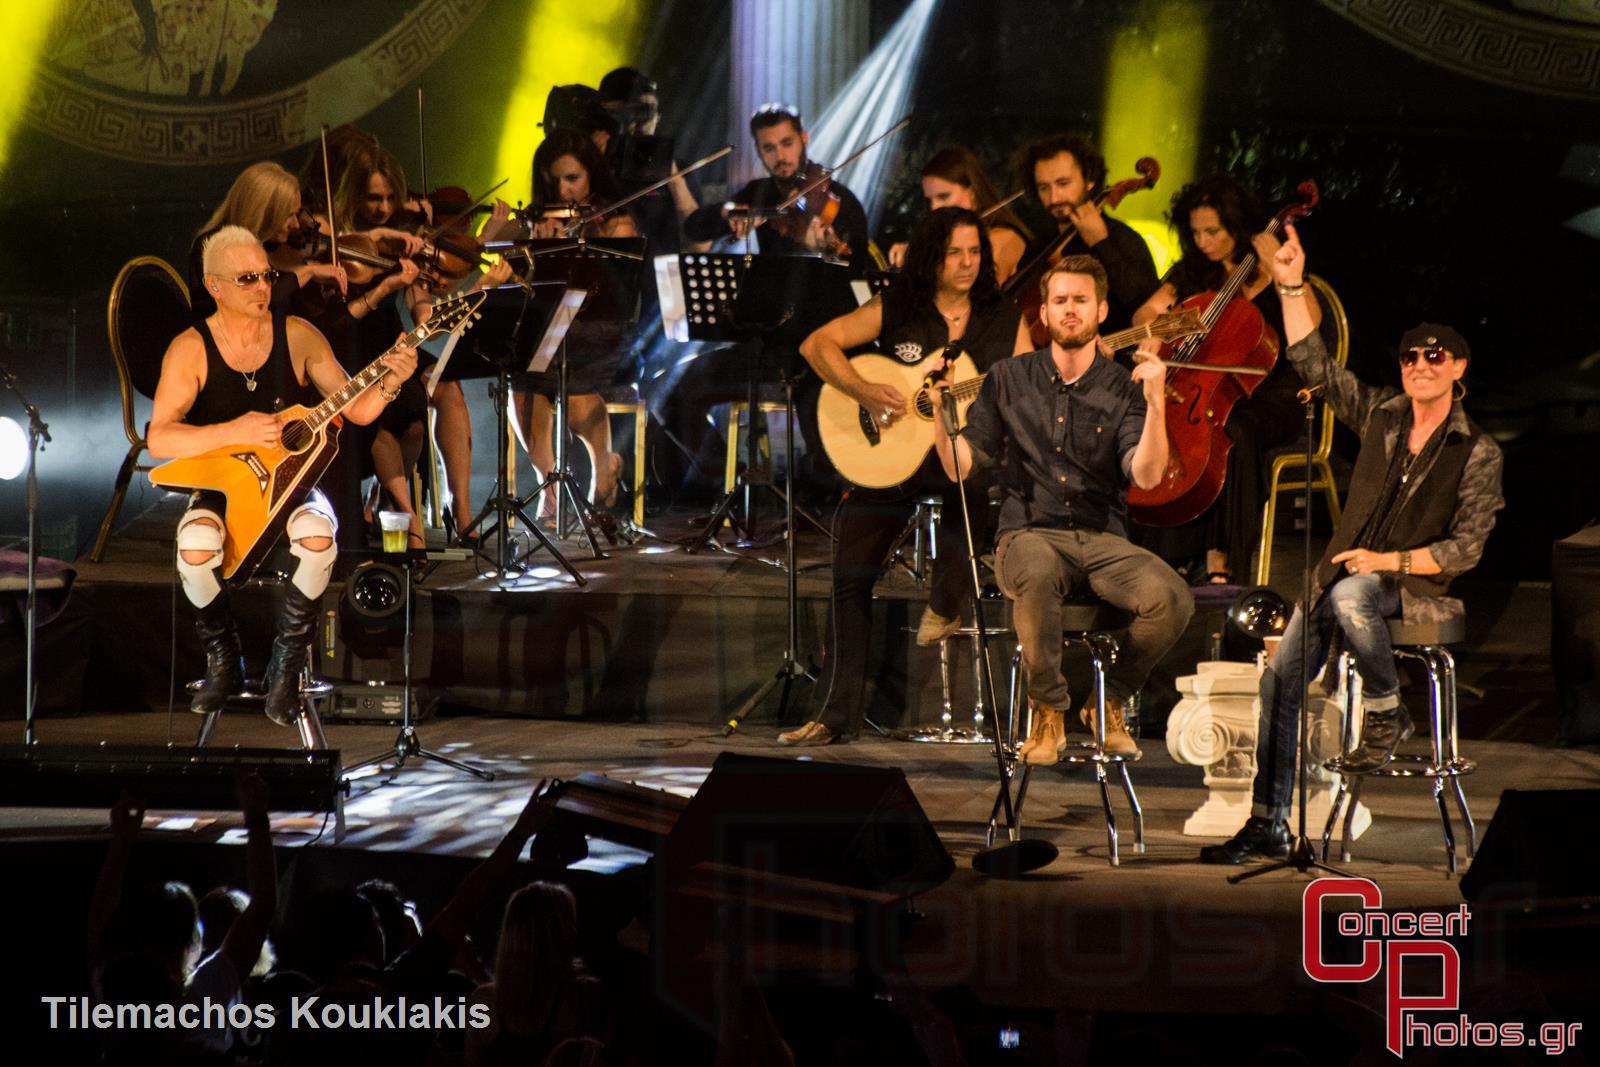 Scorpions-Scorpions photographer: Tilemachos Kouklakis - concertphotos_-6945